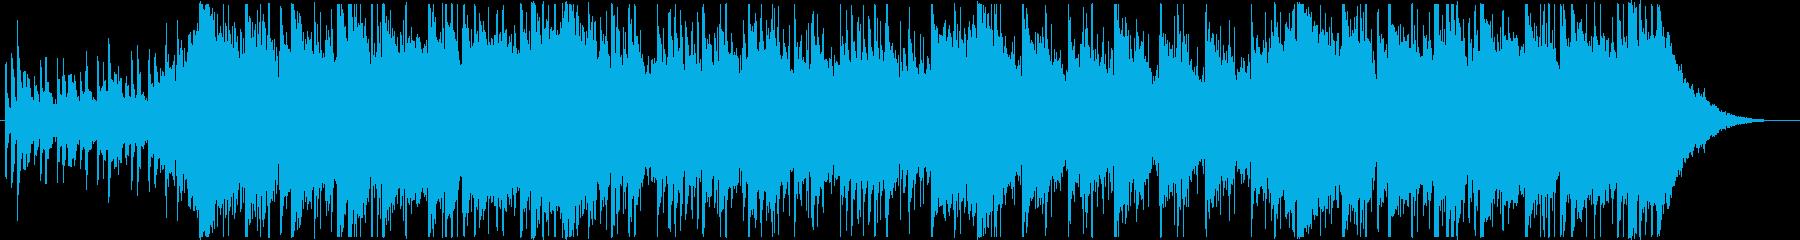 琴、尺八、三味線、切なく壮大な和風BGMの再生済みの波形